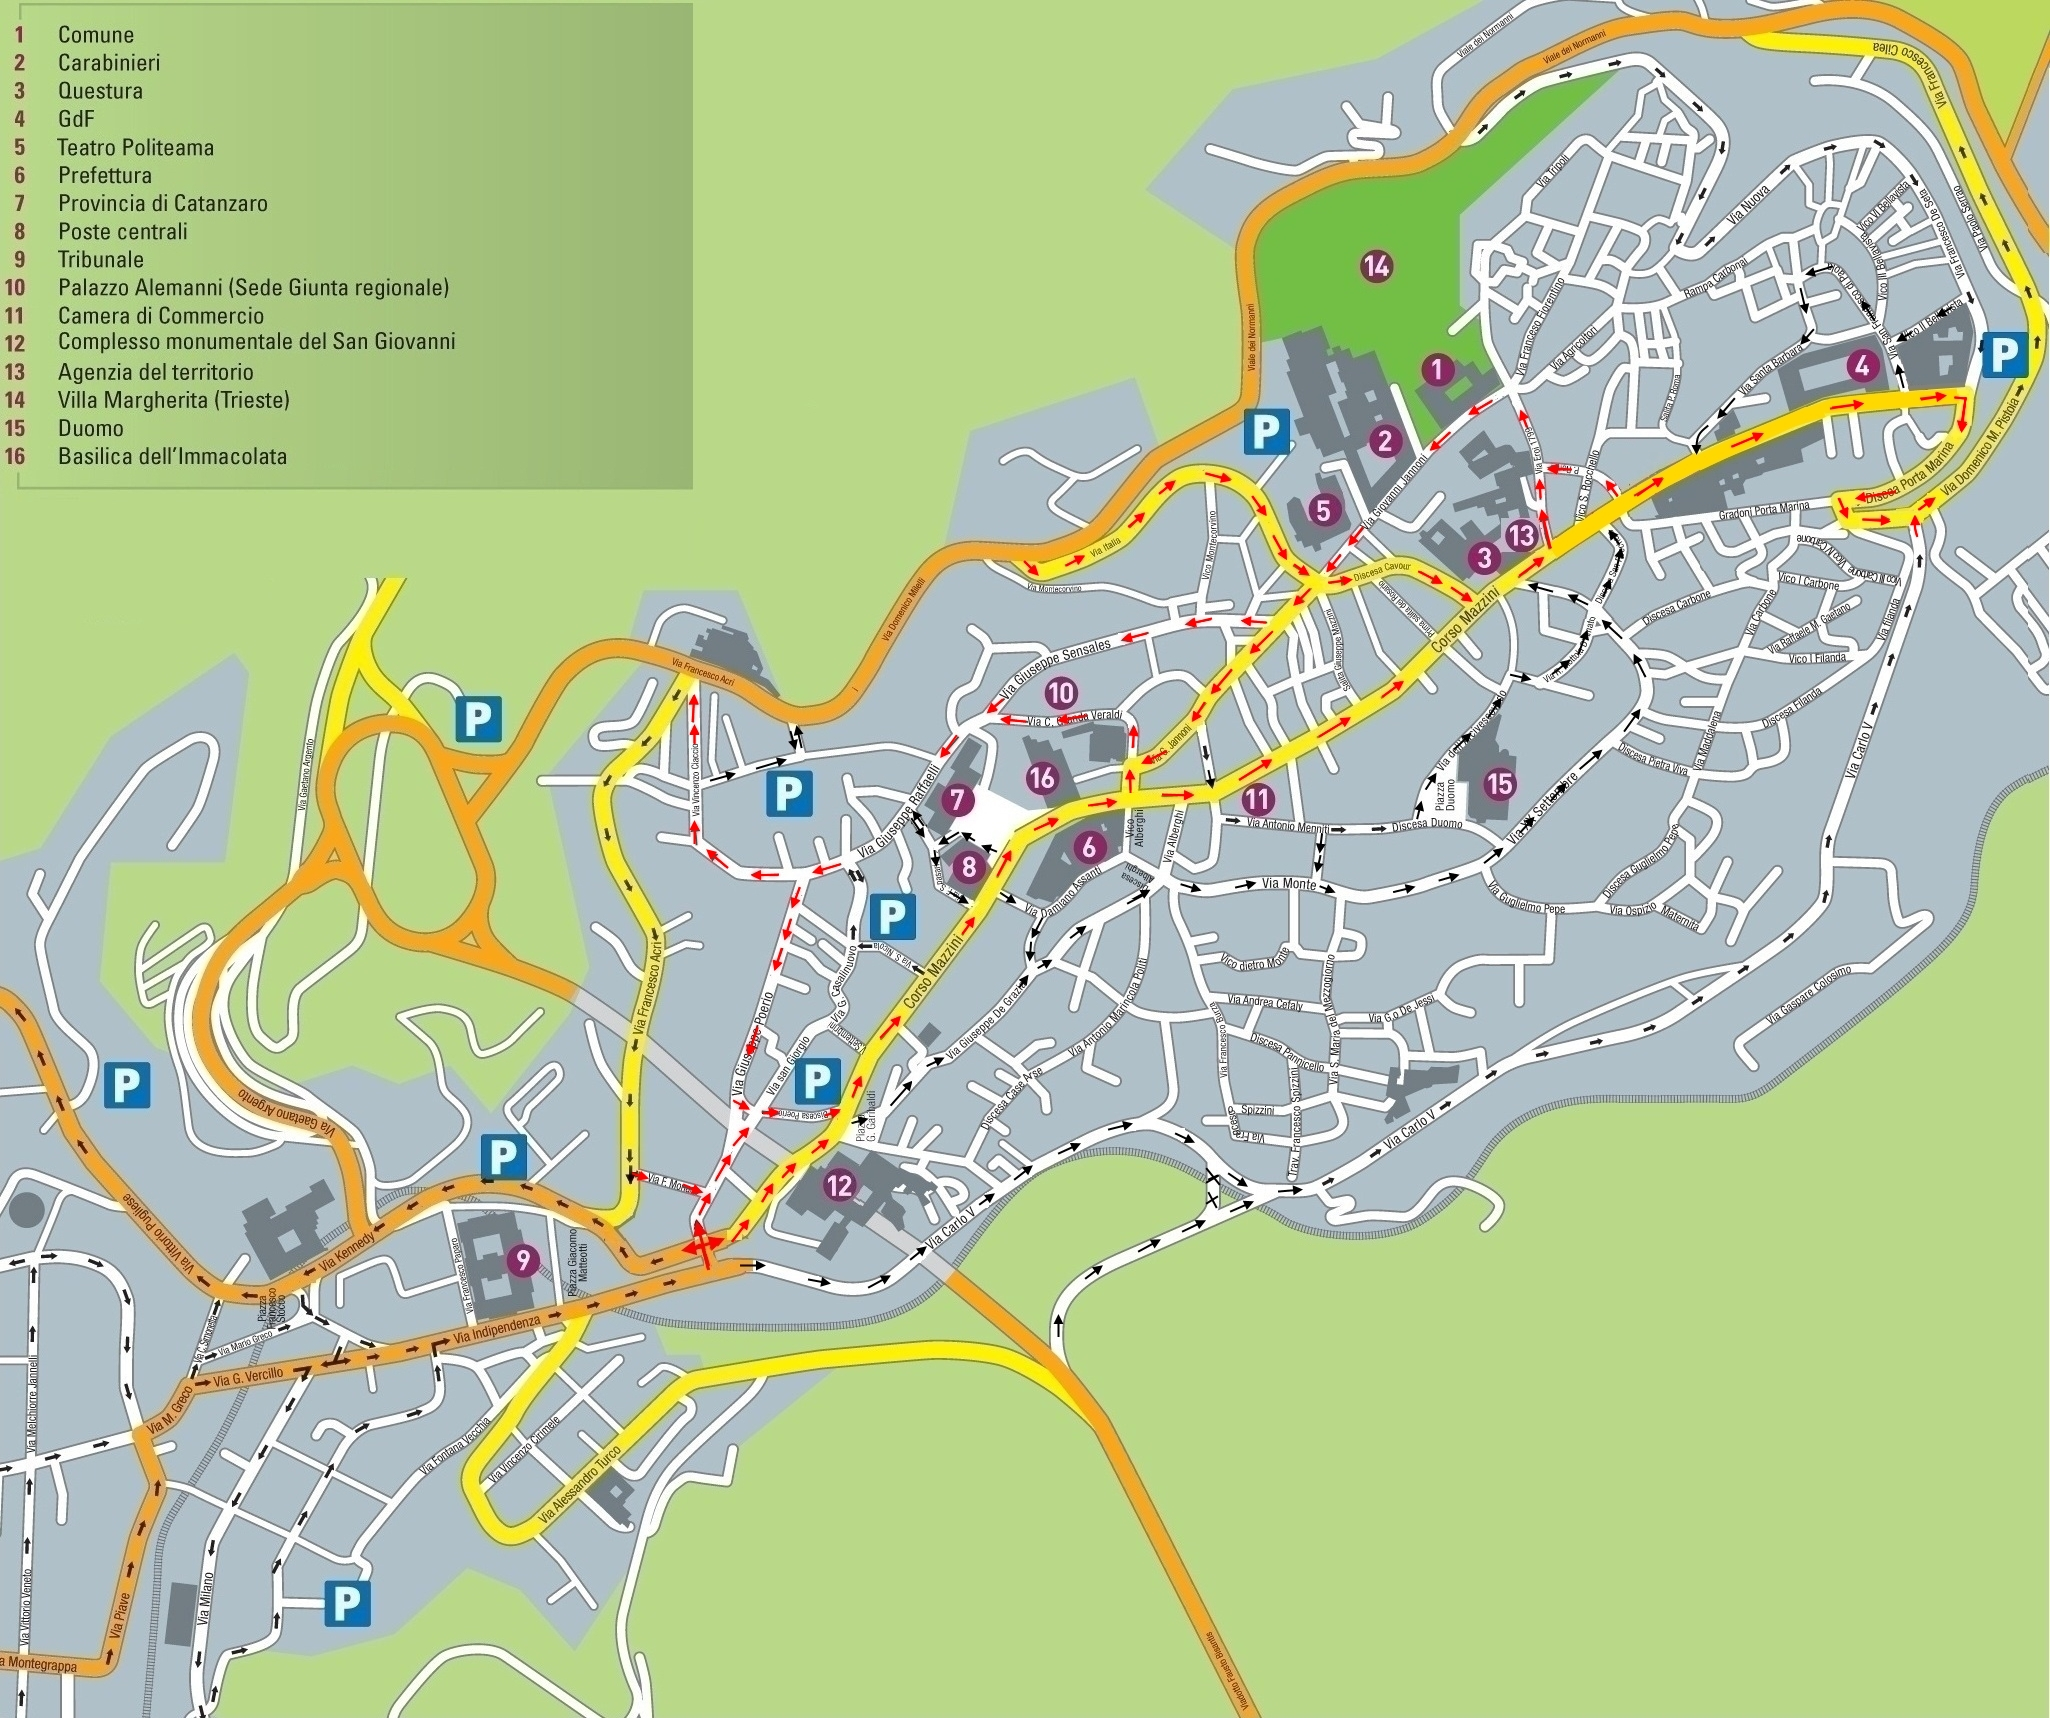 FOTO – La mappa con la nuova viabilità per Corso Mazzini a Catanzaro